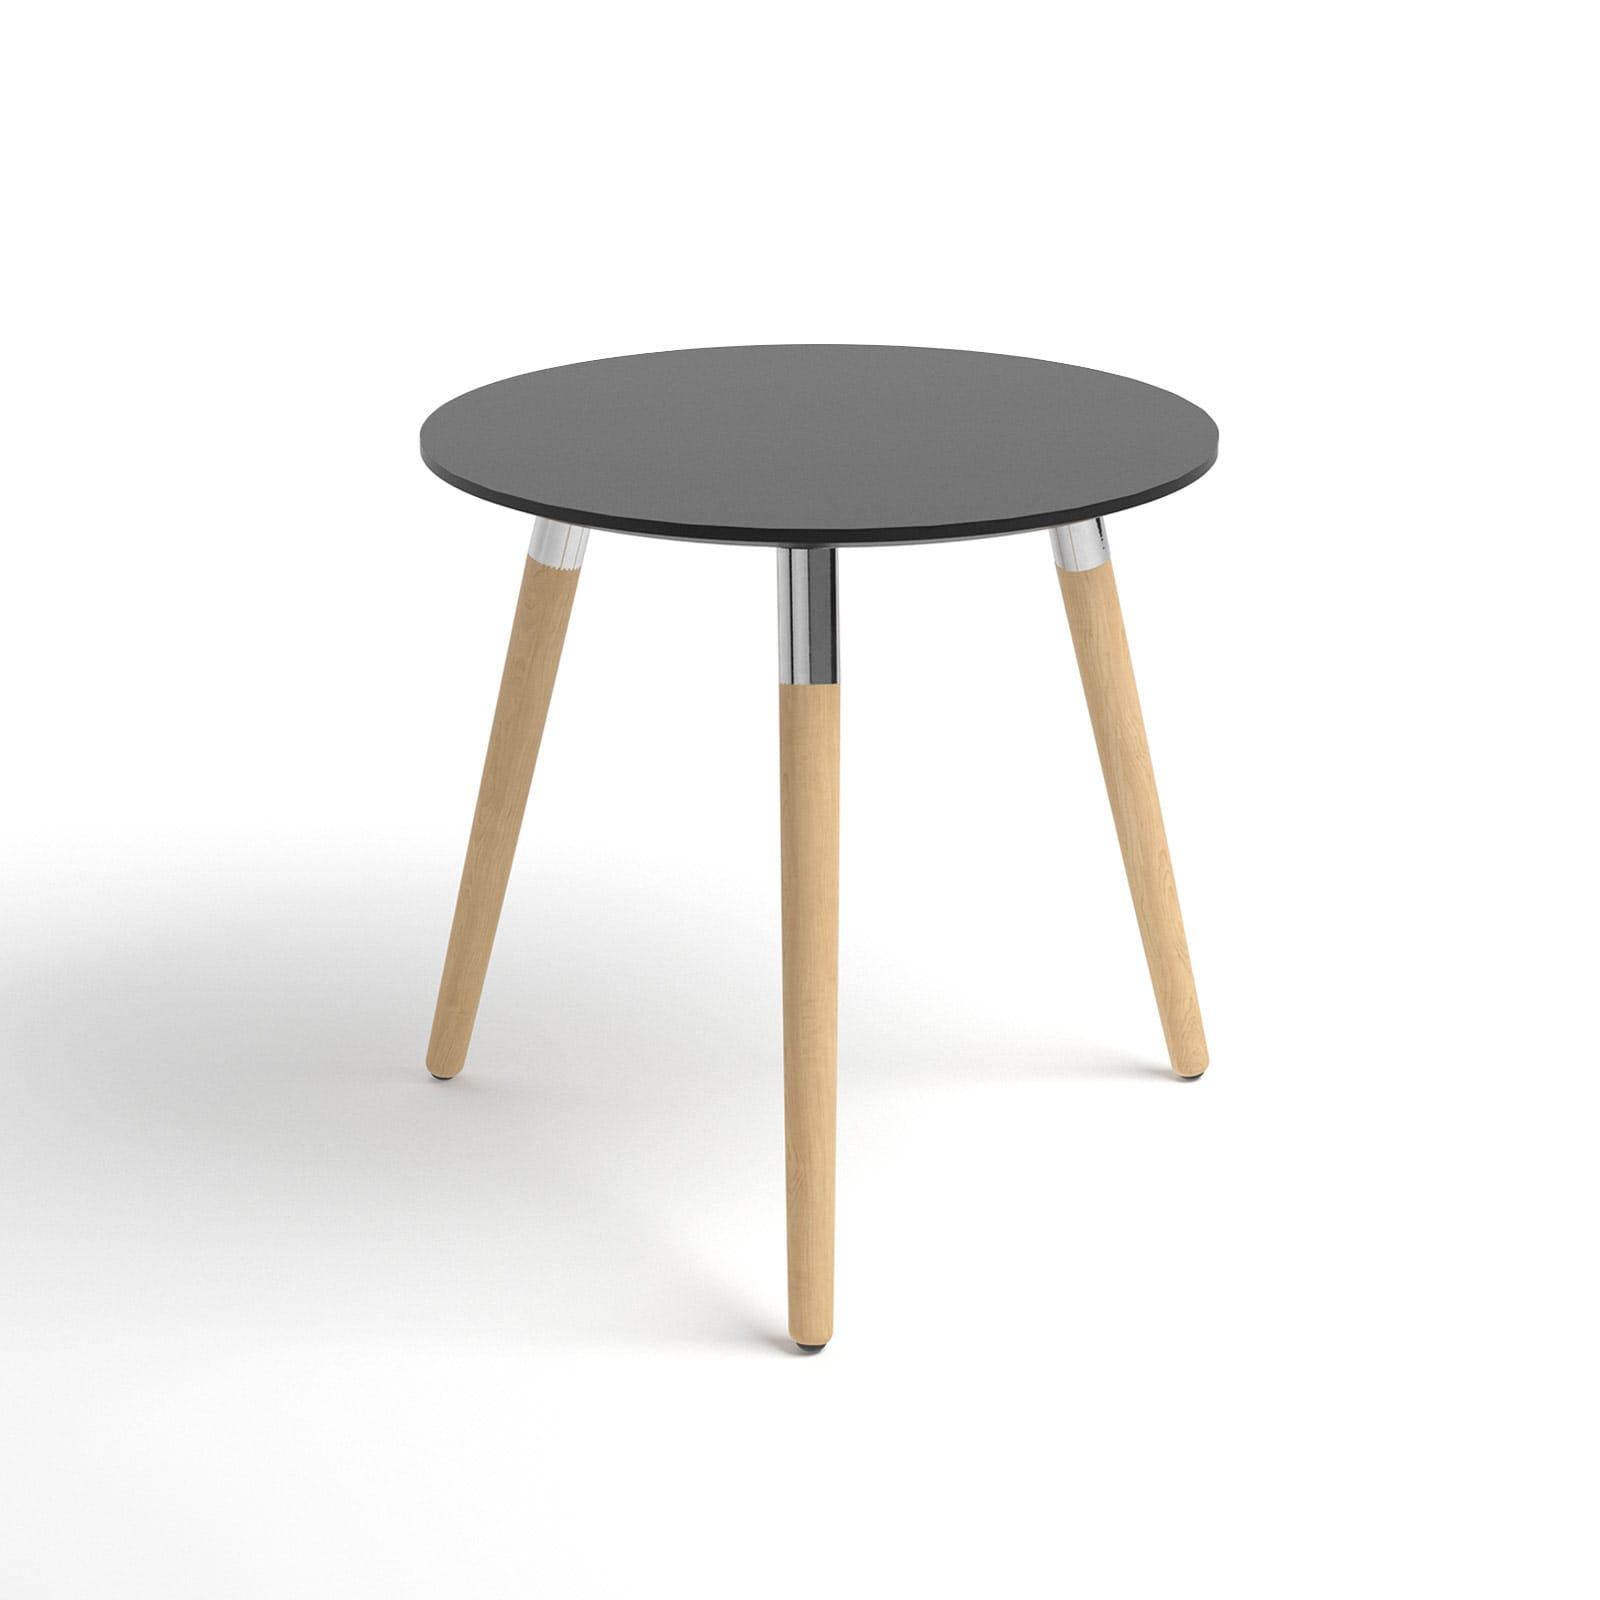 stressless beistelltisch style rund platte schwarz f e natur house of comfort. Black Bedroom Furniture Sets. Home Design Ideas